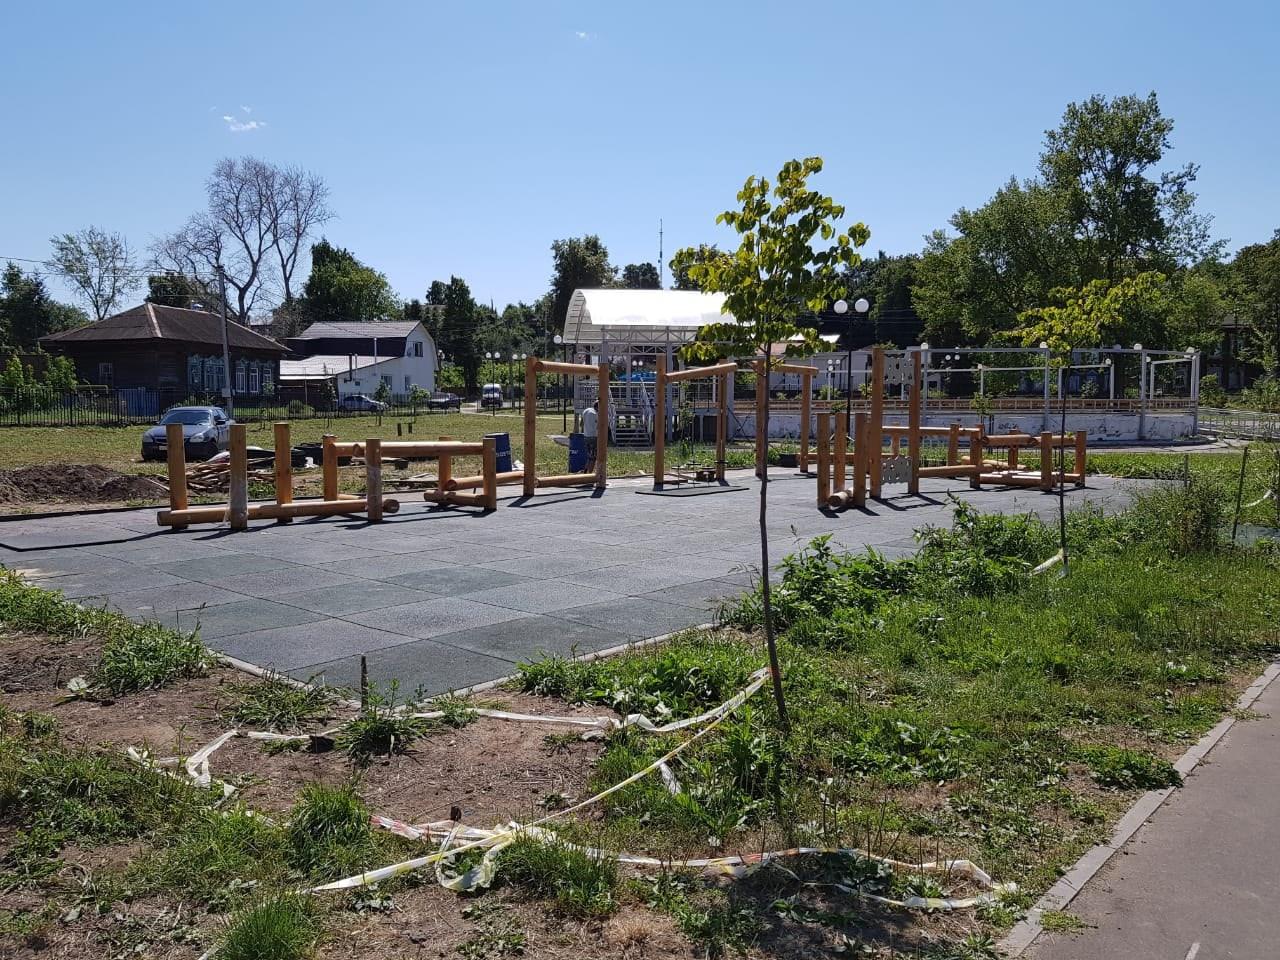 Работы по благоустройству парка в Козьмодемьянске завершаются